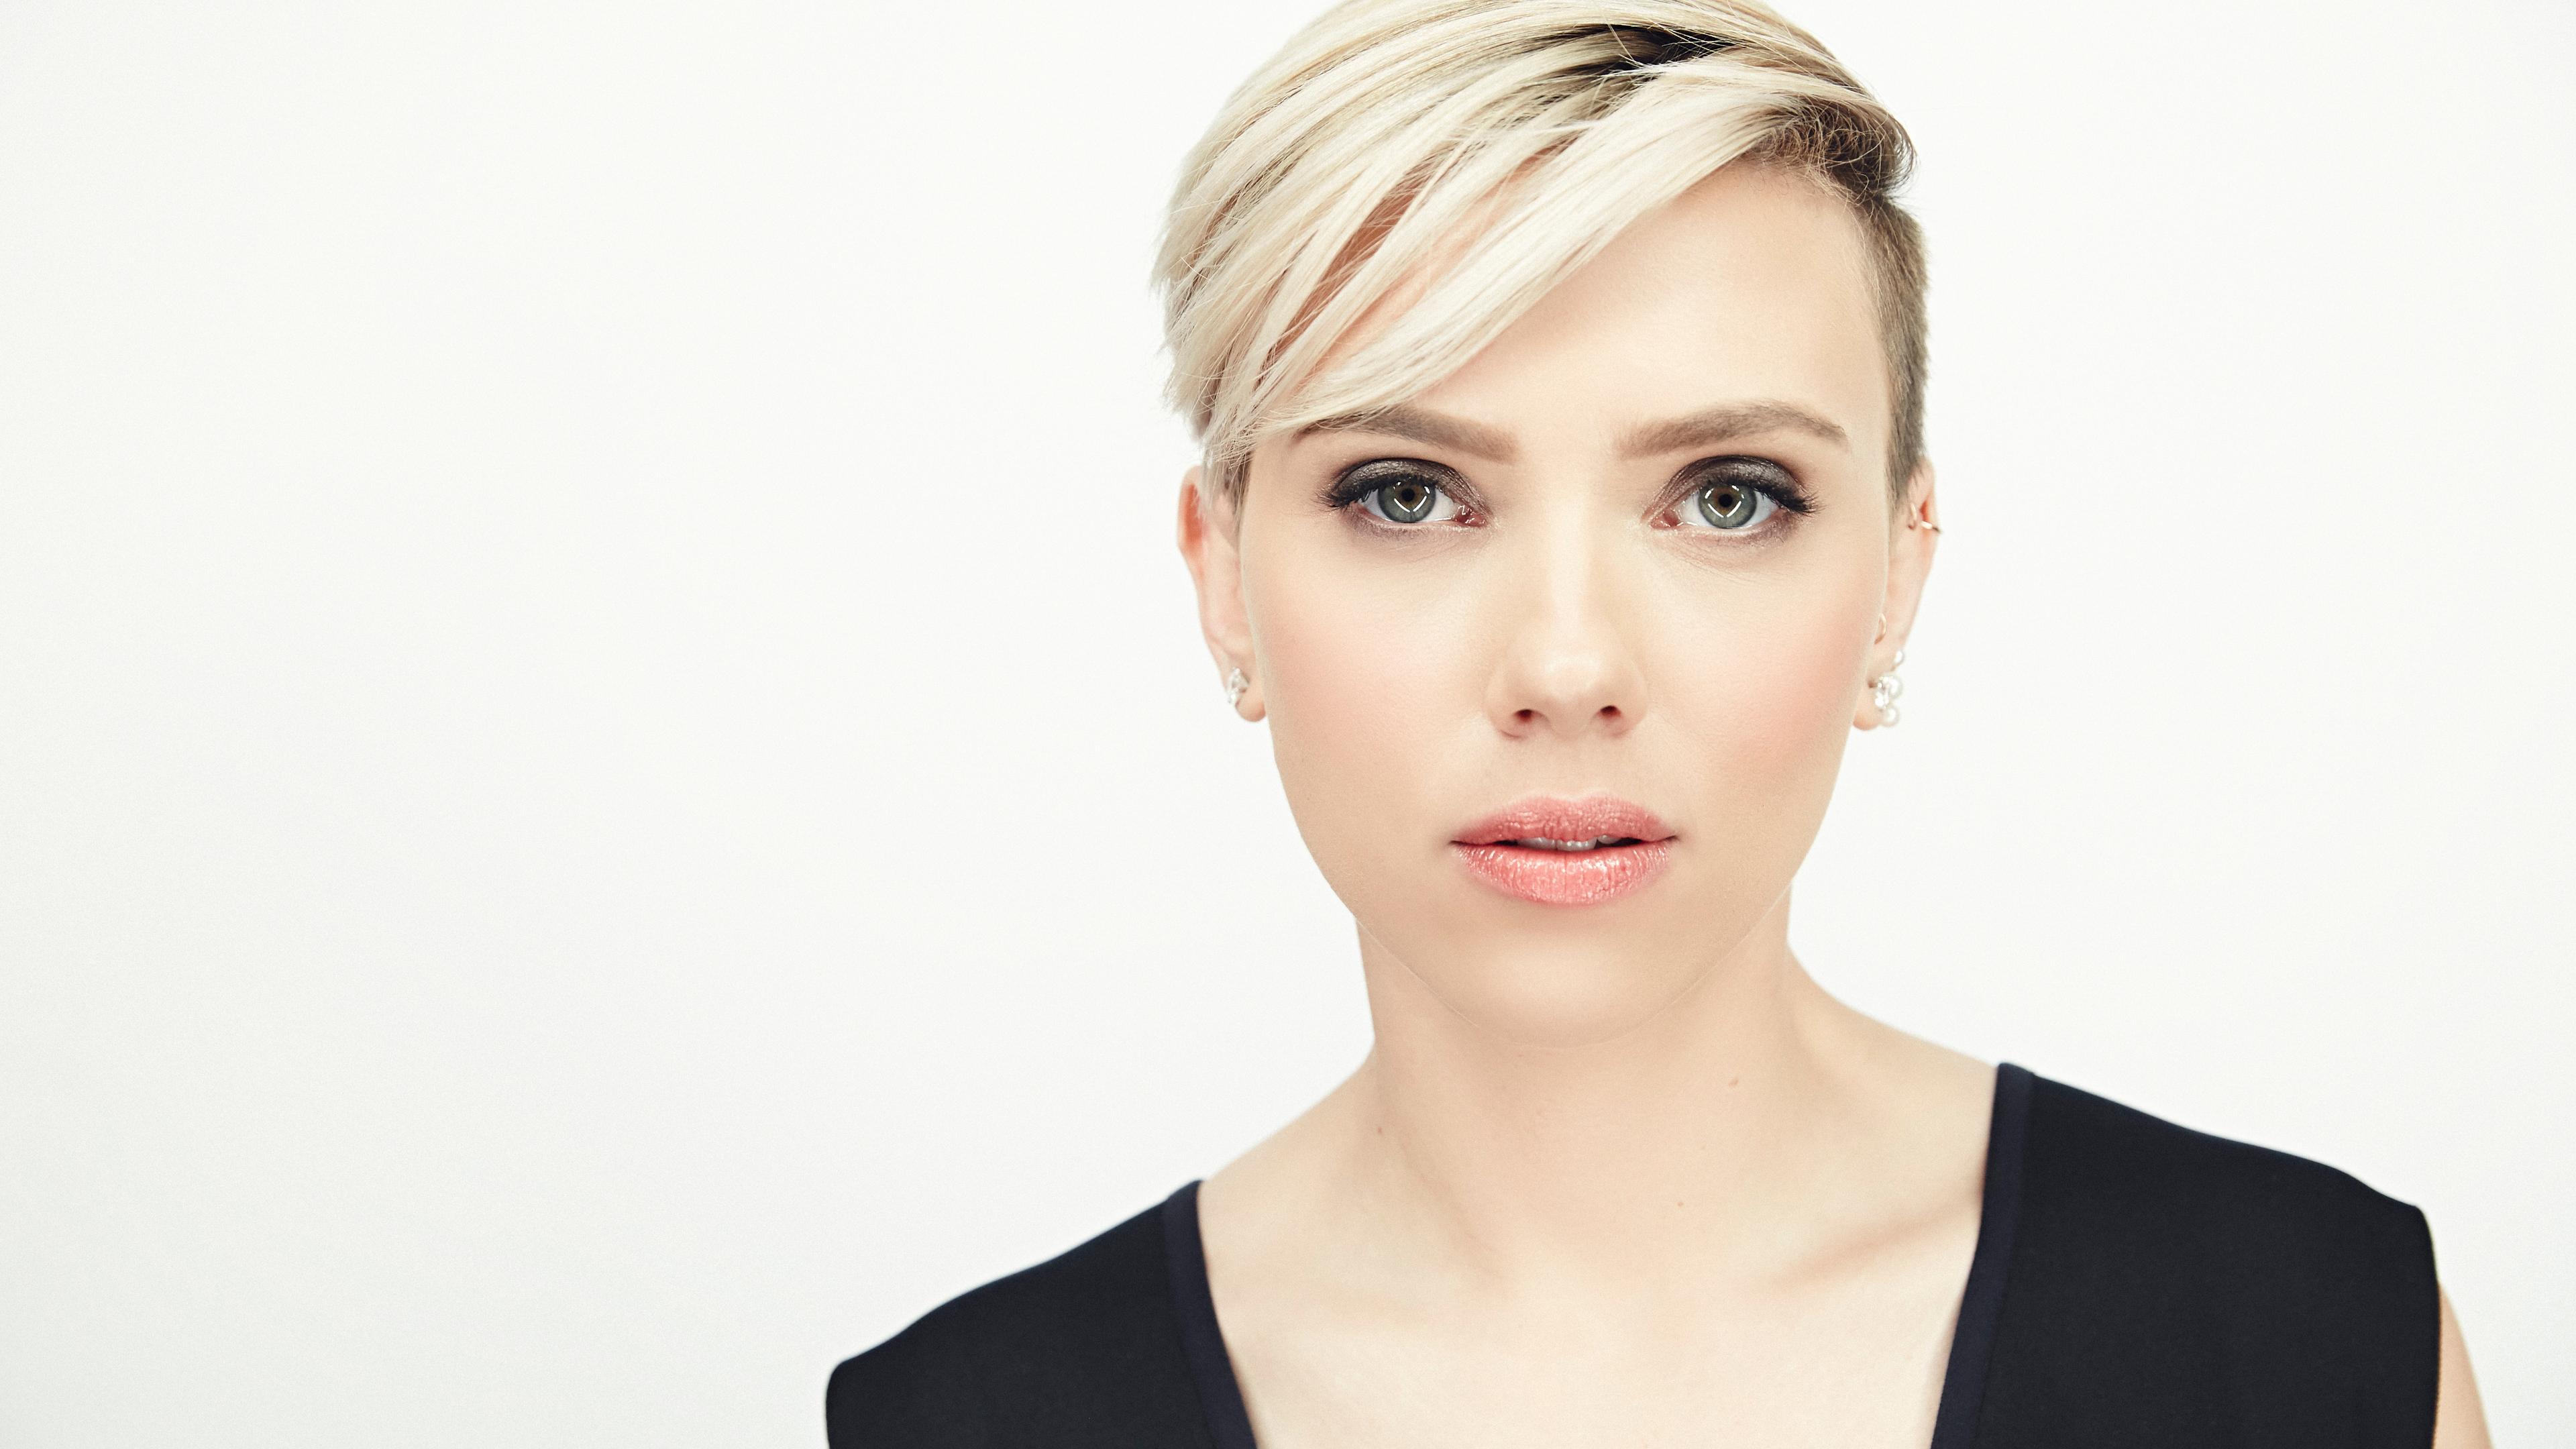 scarlett johansson short hair blonde 5k 1536862952 - Scarlett Johansson Short Hair Blonde 5k - scarlett johansson wallpapers, hd-wallpapers, girls wallpapers, celebrities wallpapers, 5k wallpapers, 4k-wallpapers